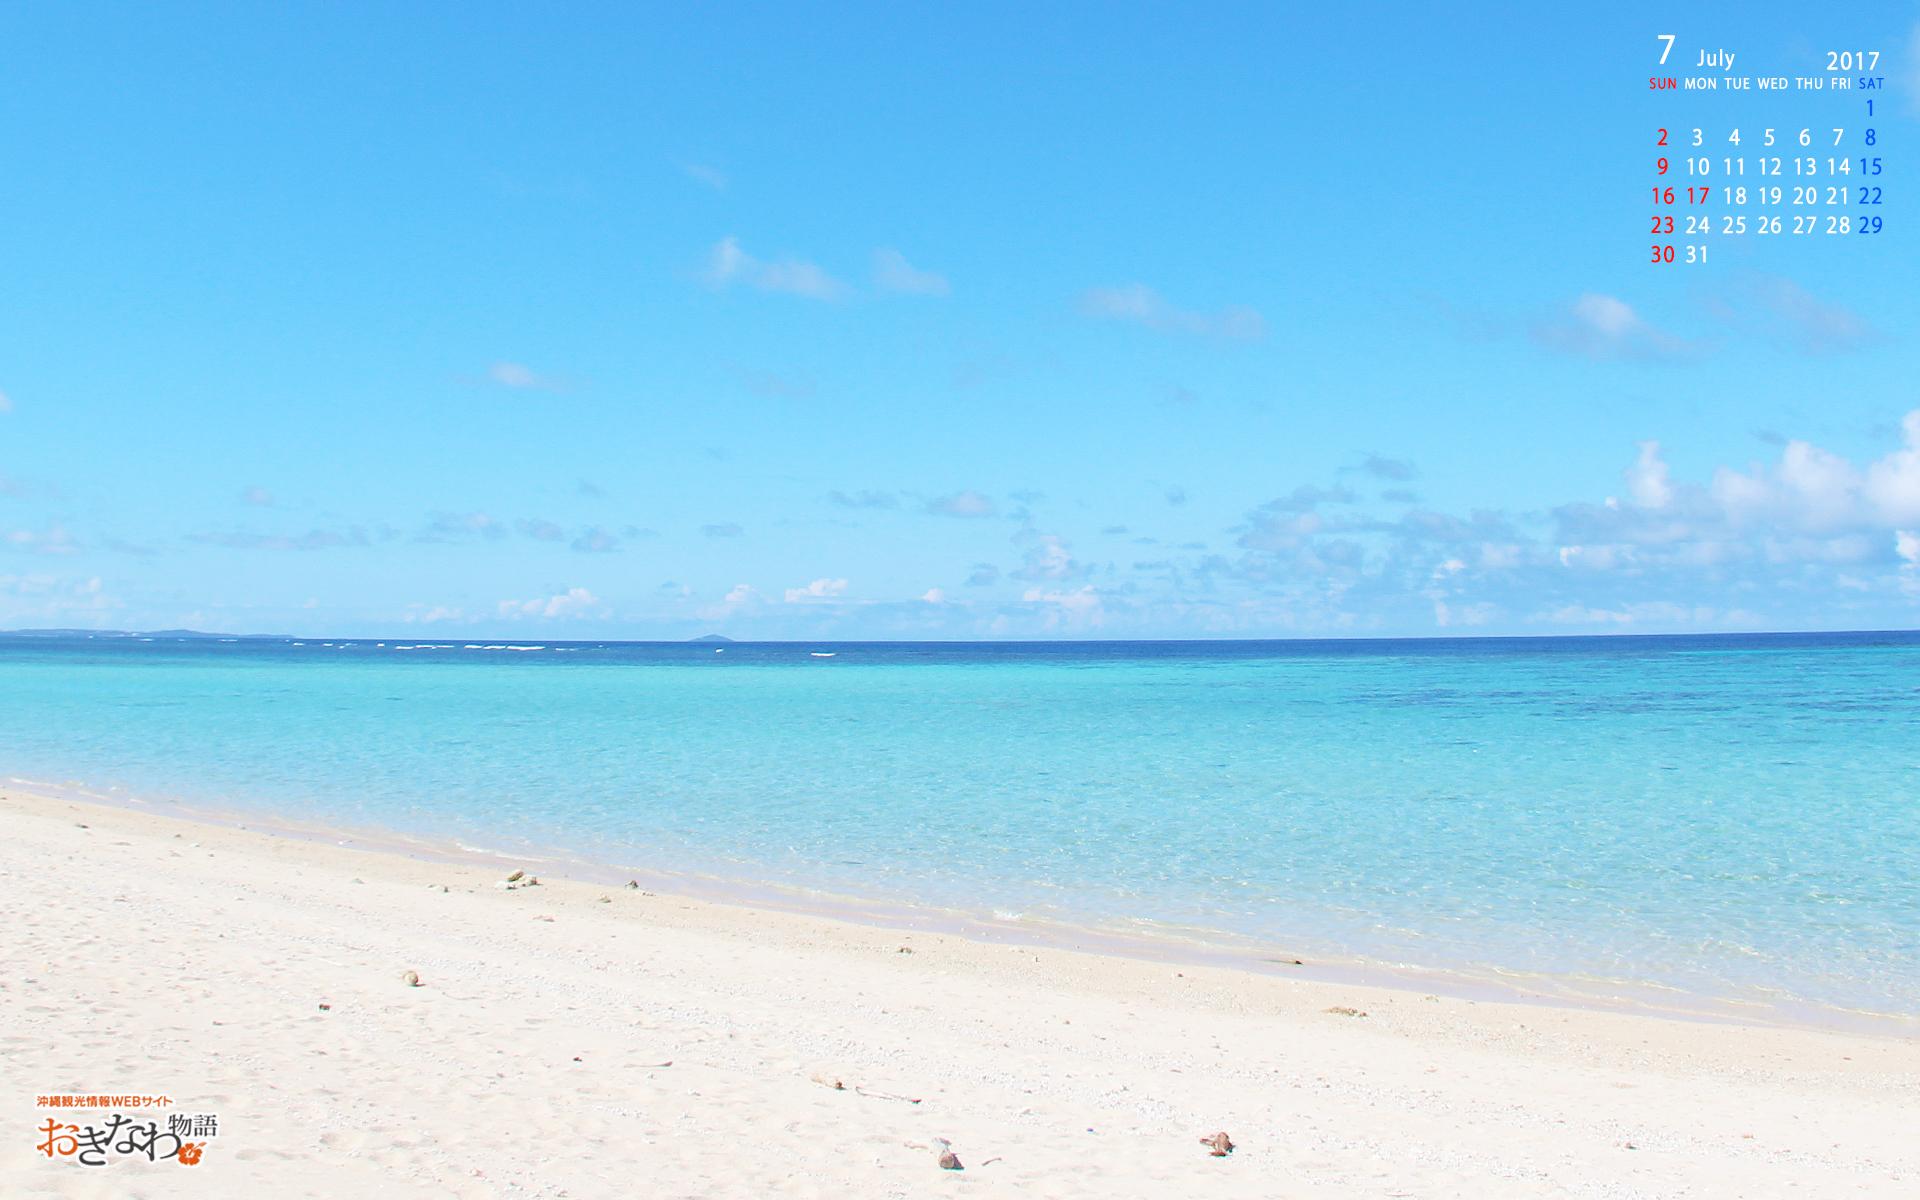 7月の壁紙カレンダー お知らせ トピックス 沖縄観光情報webサイト